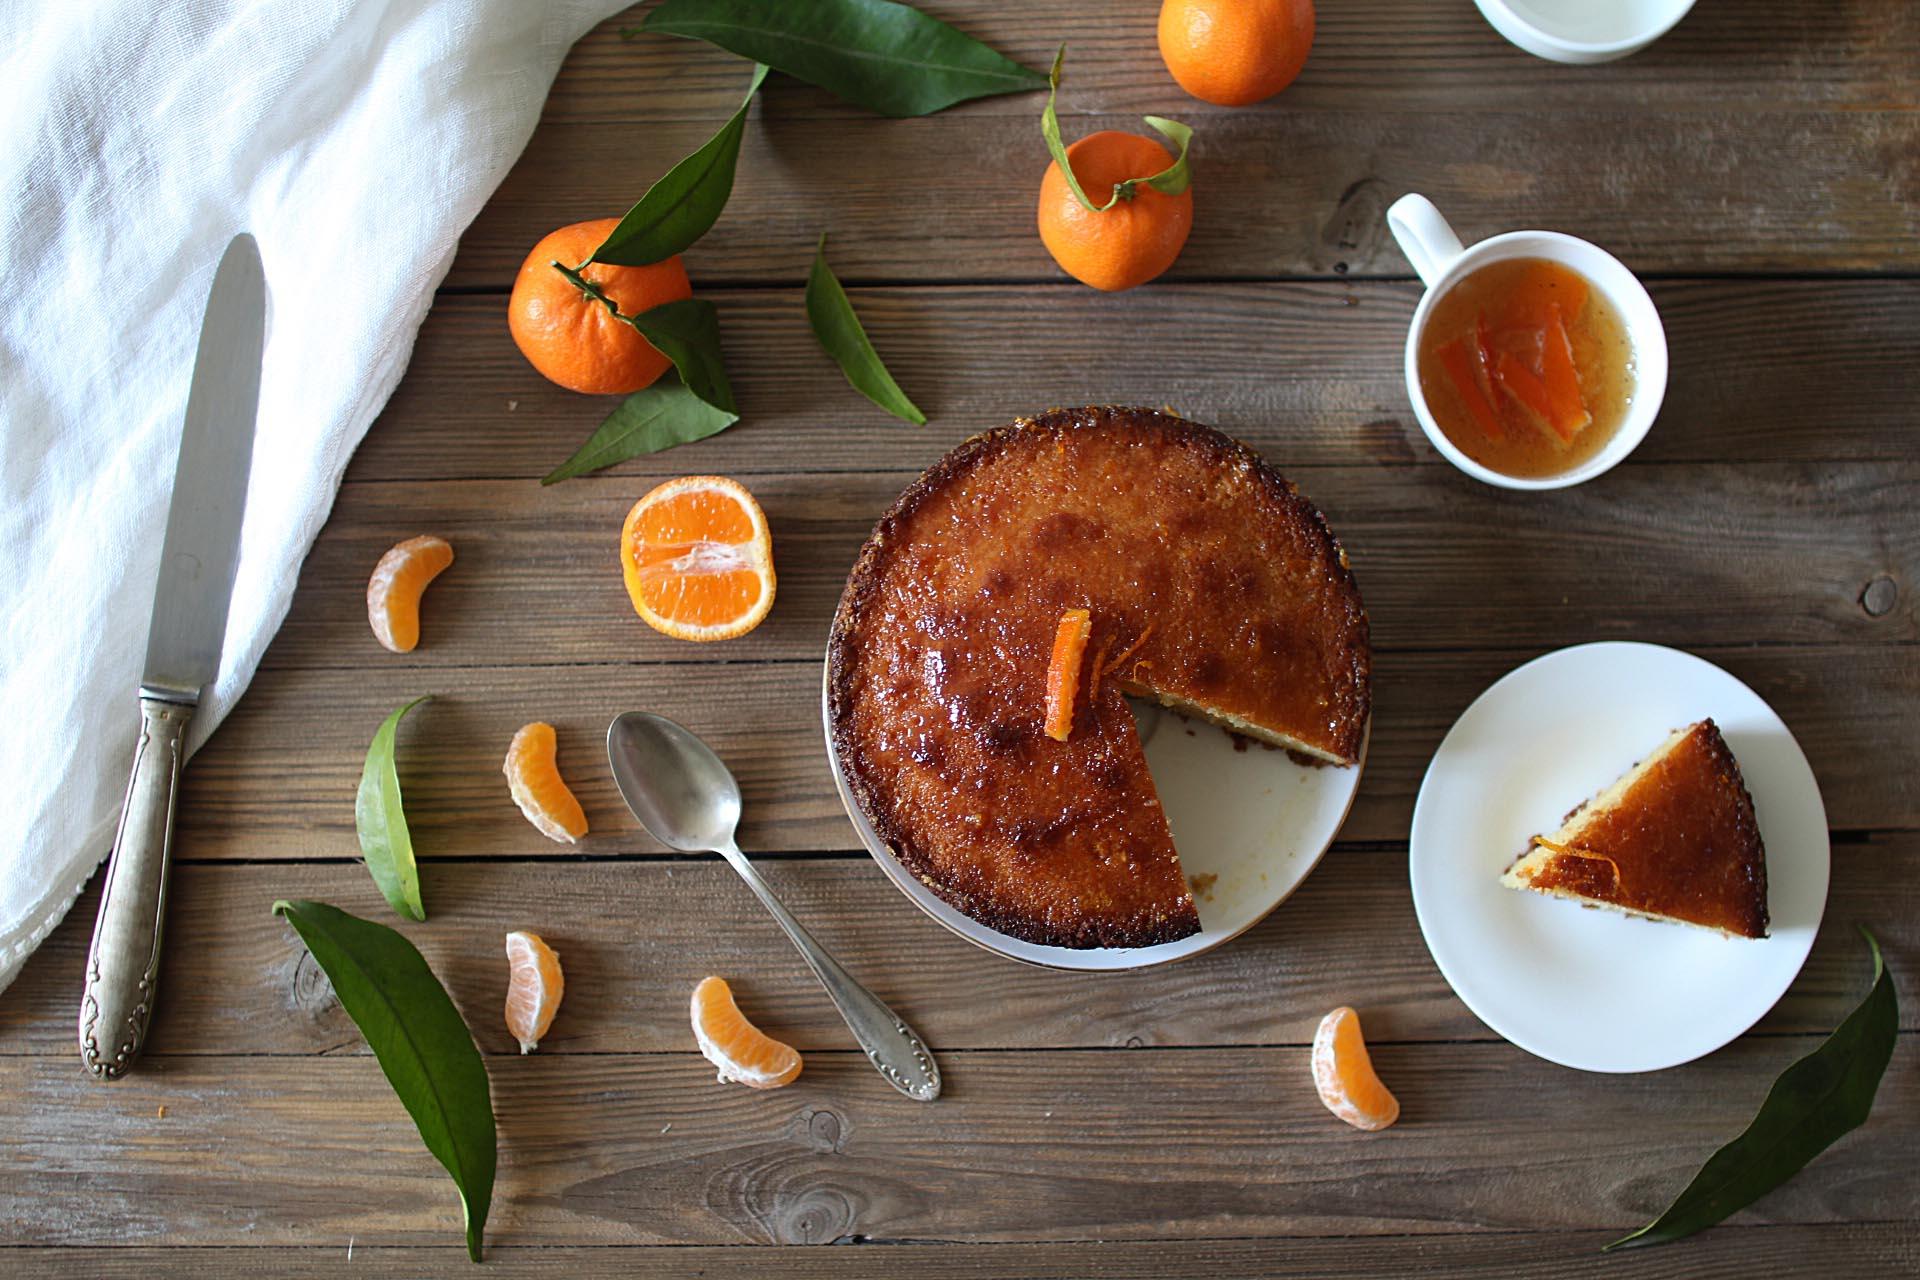 gateau-clementines-recette-jerusalem